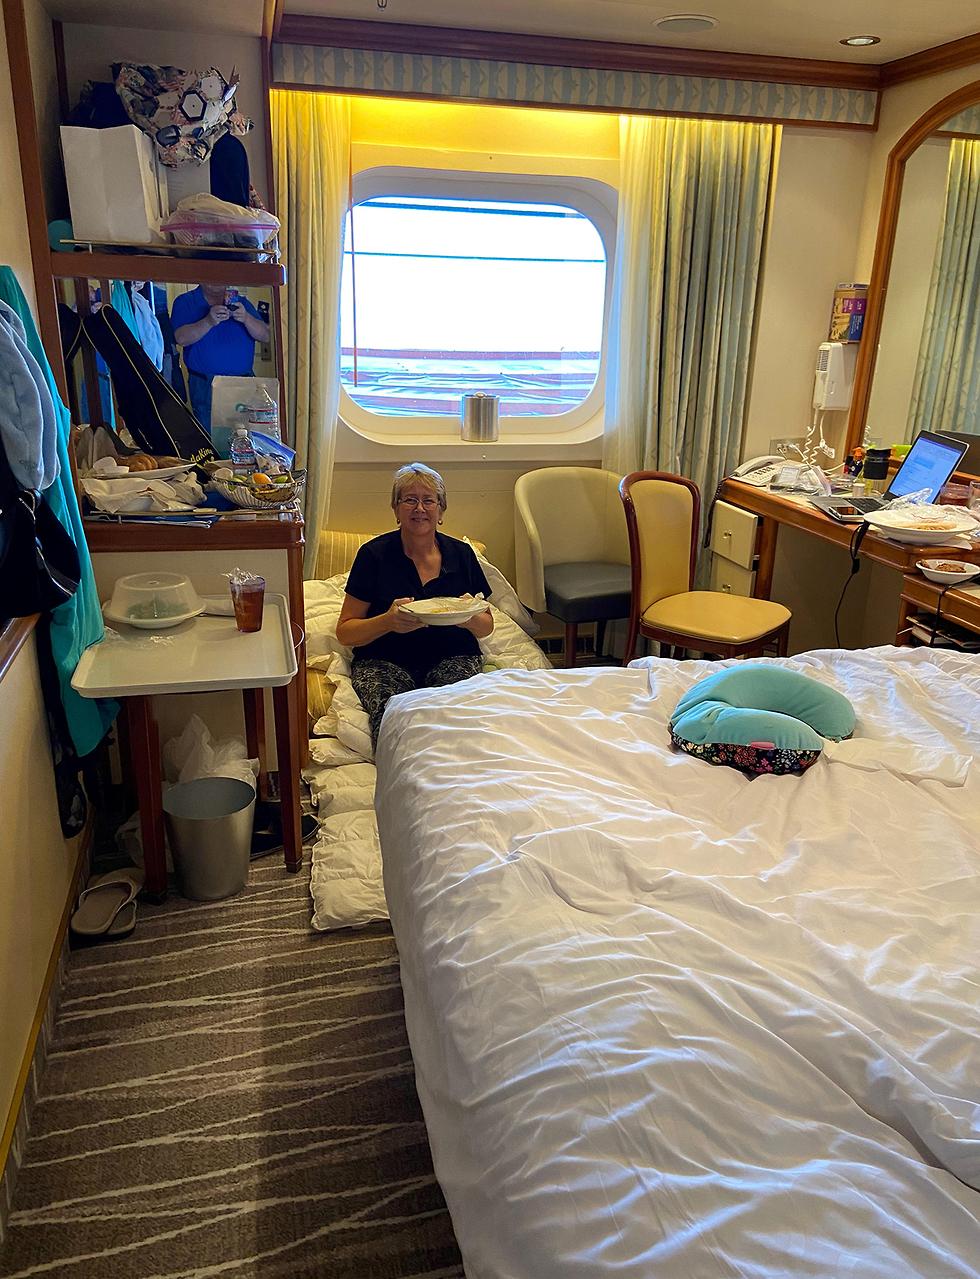 קארי קולסטו נוסעת חולת סרטן על ה גראנד גרנד פרינסס ב קליפורניה ספינה קורונה נגיף ארה